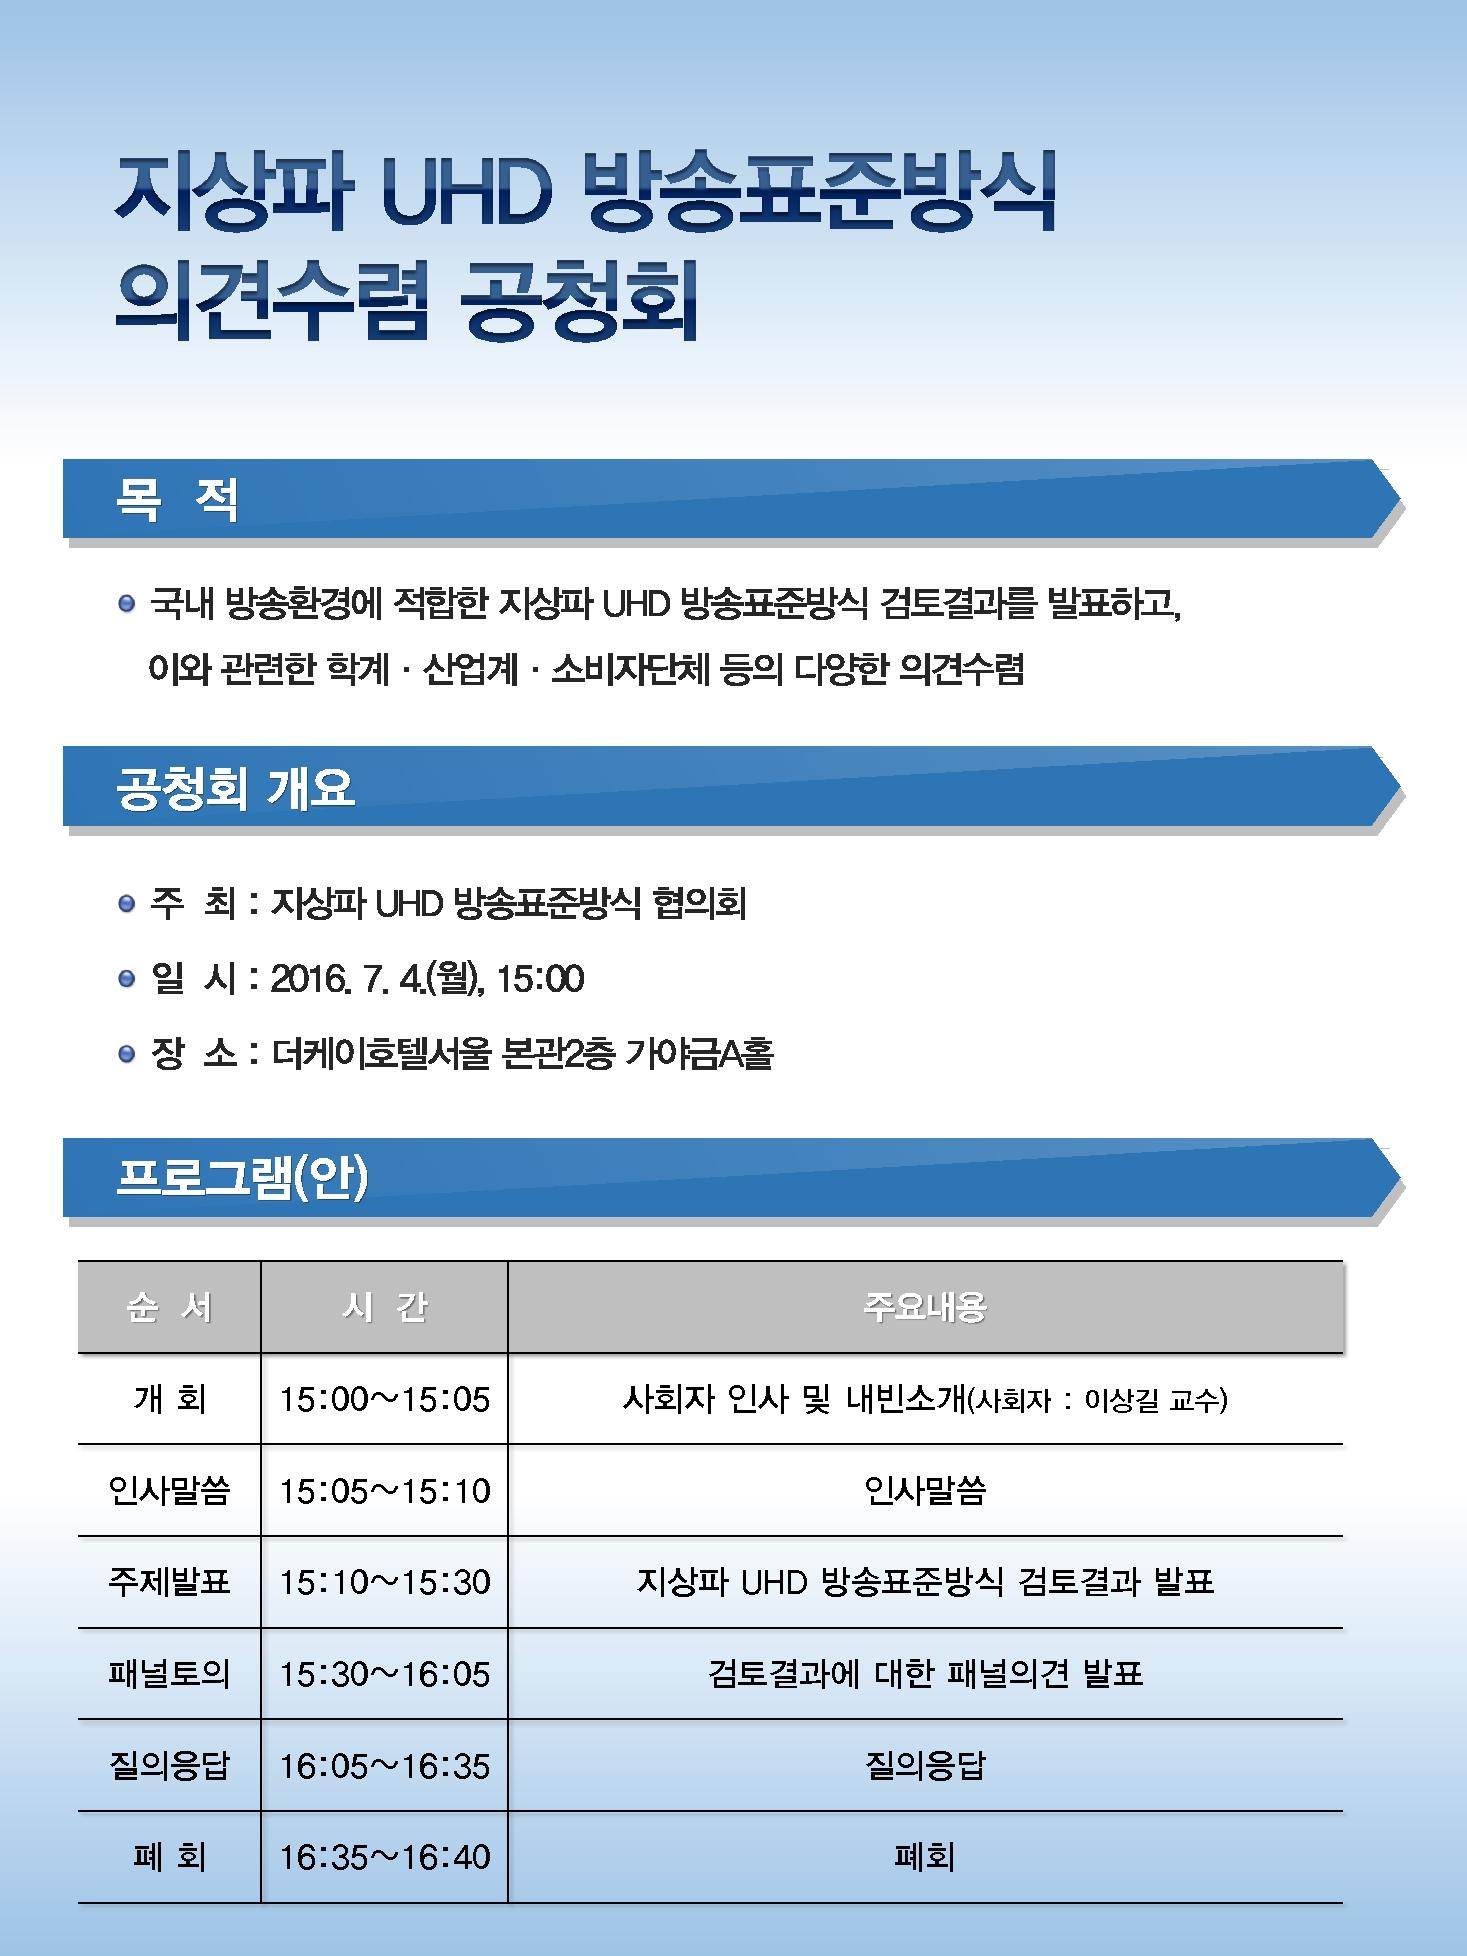 [붙임2] 지상파 UHD 방송표준방식 의견수렴 공청회 홍보문